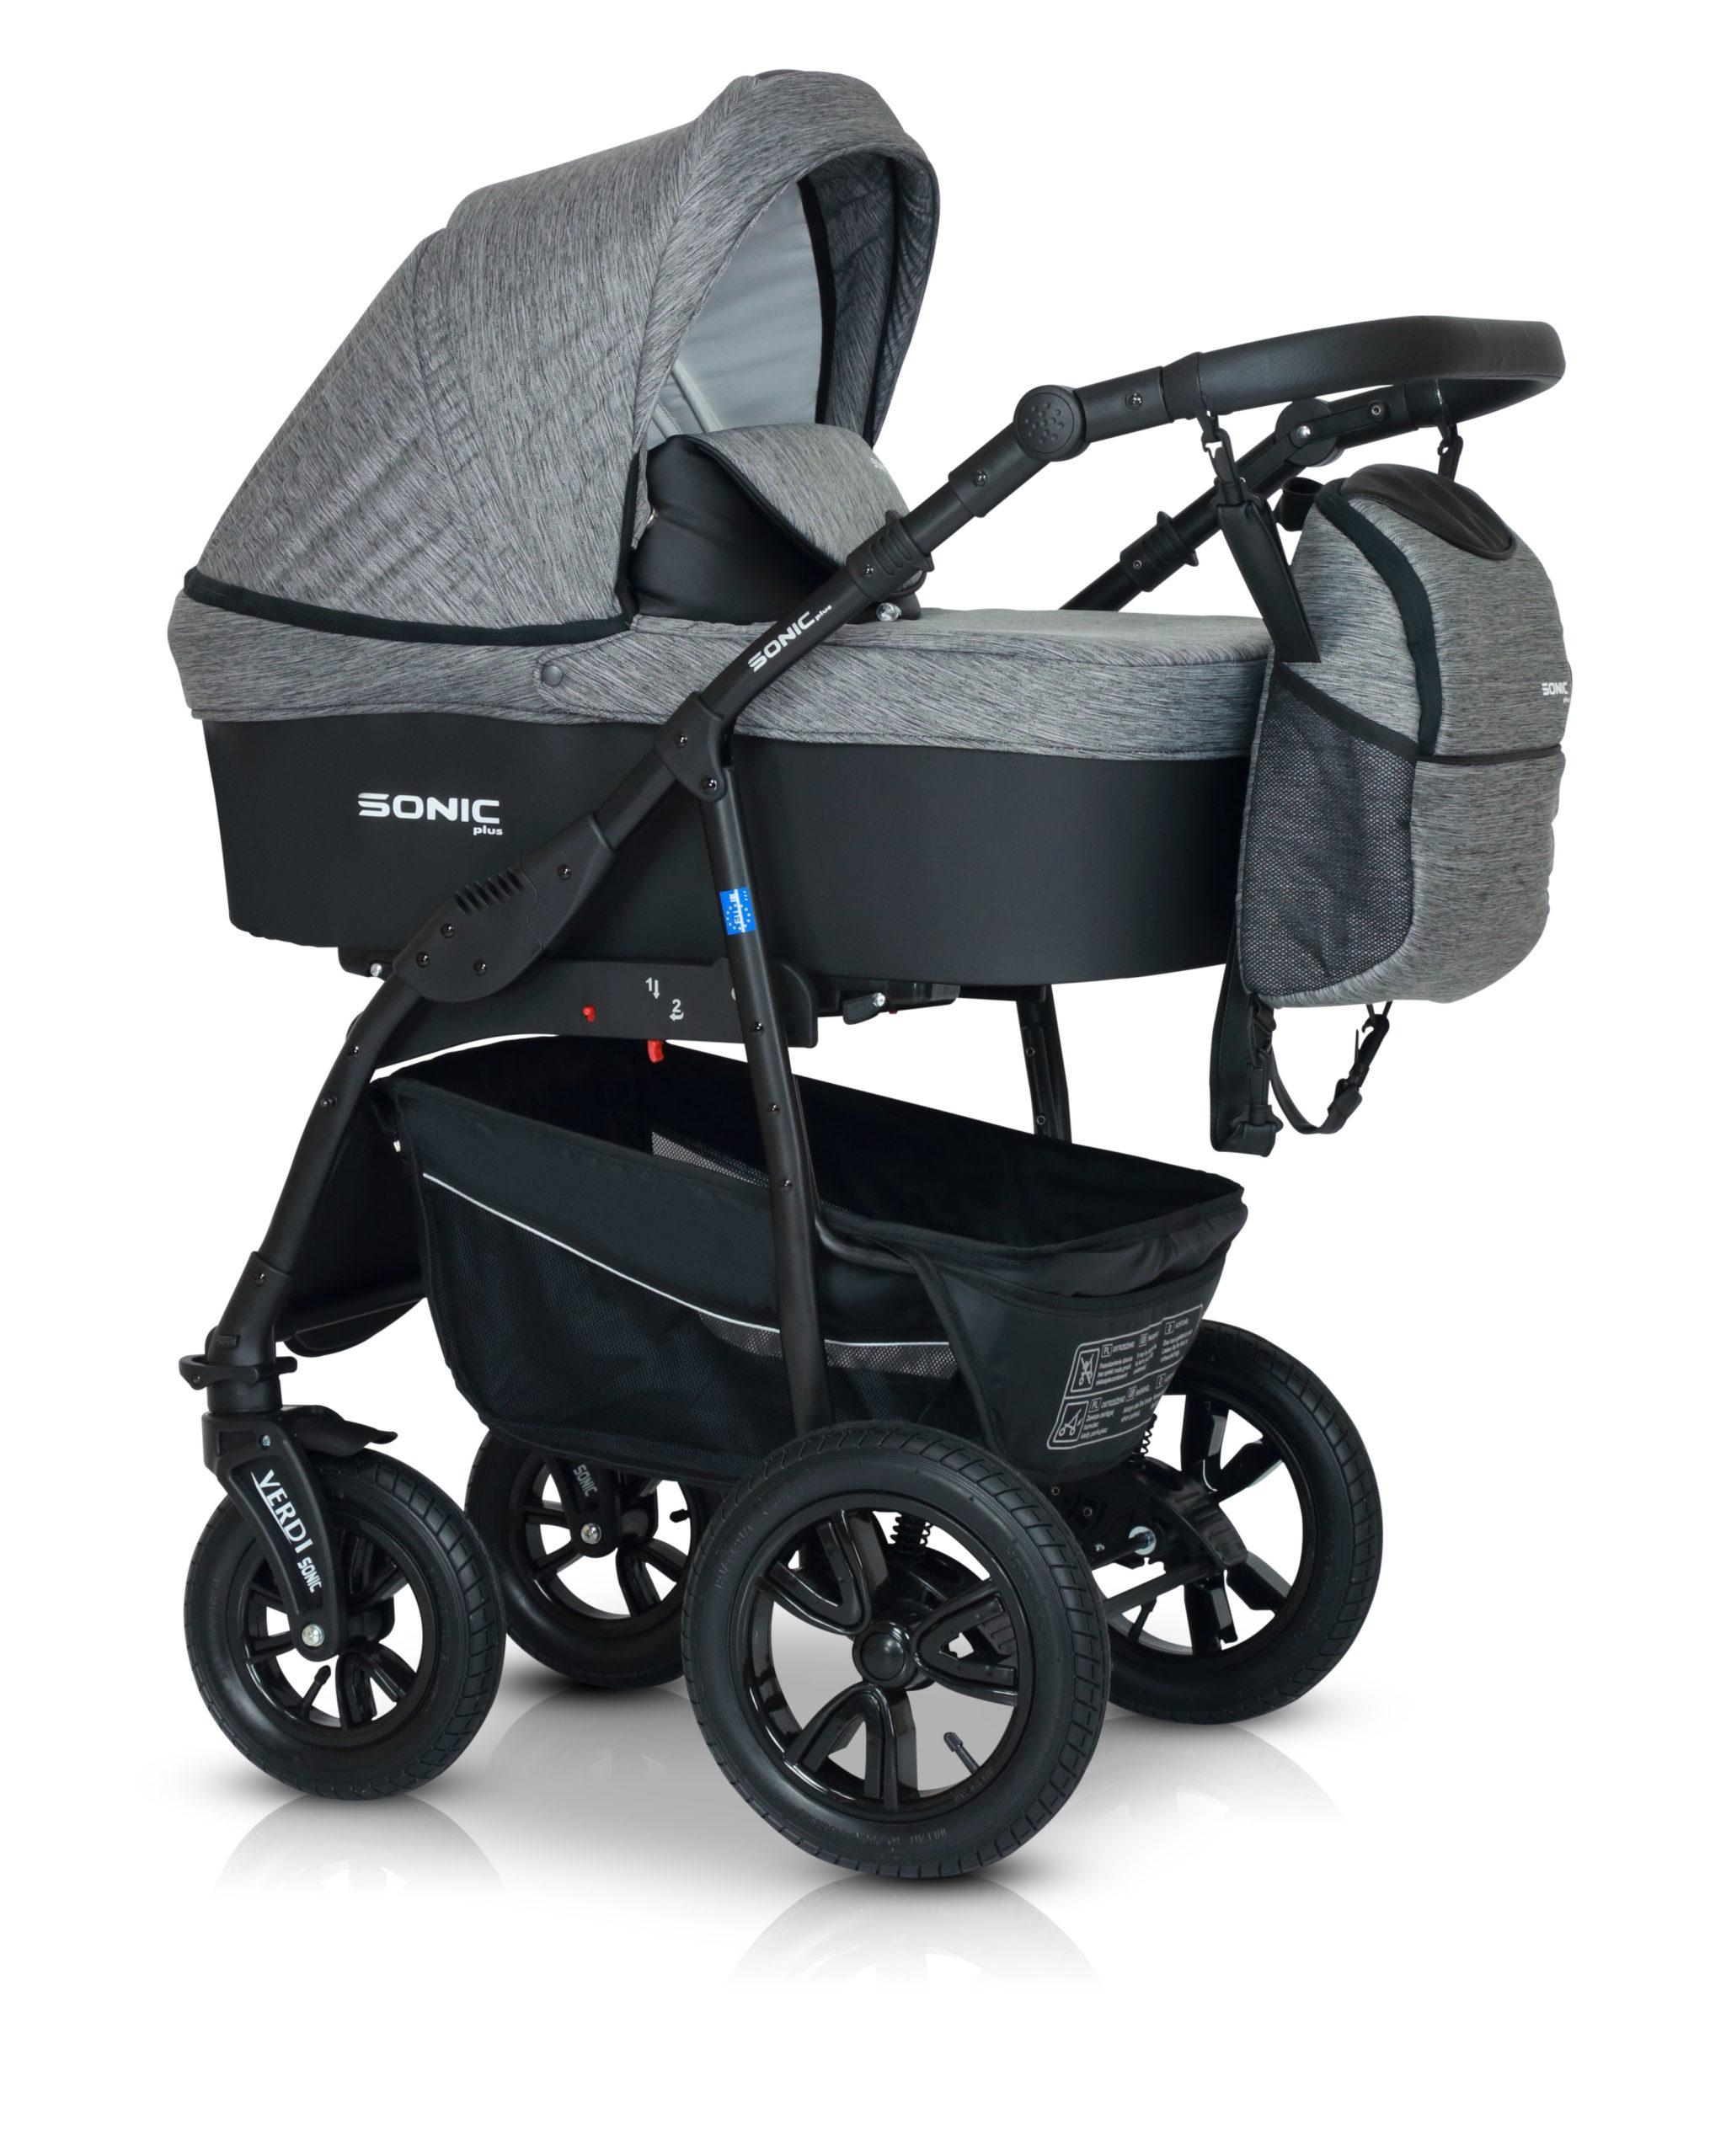 Детская коляска Verdi Sonic Plus 3 в 1 (Серый/черный)